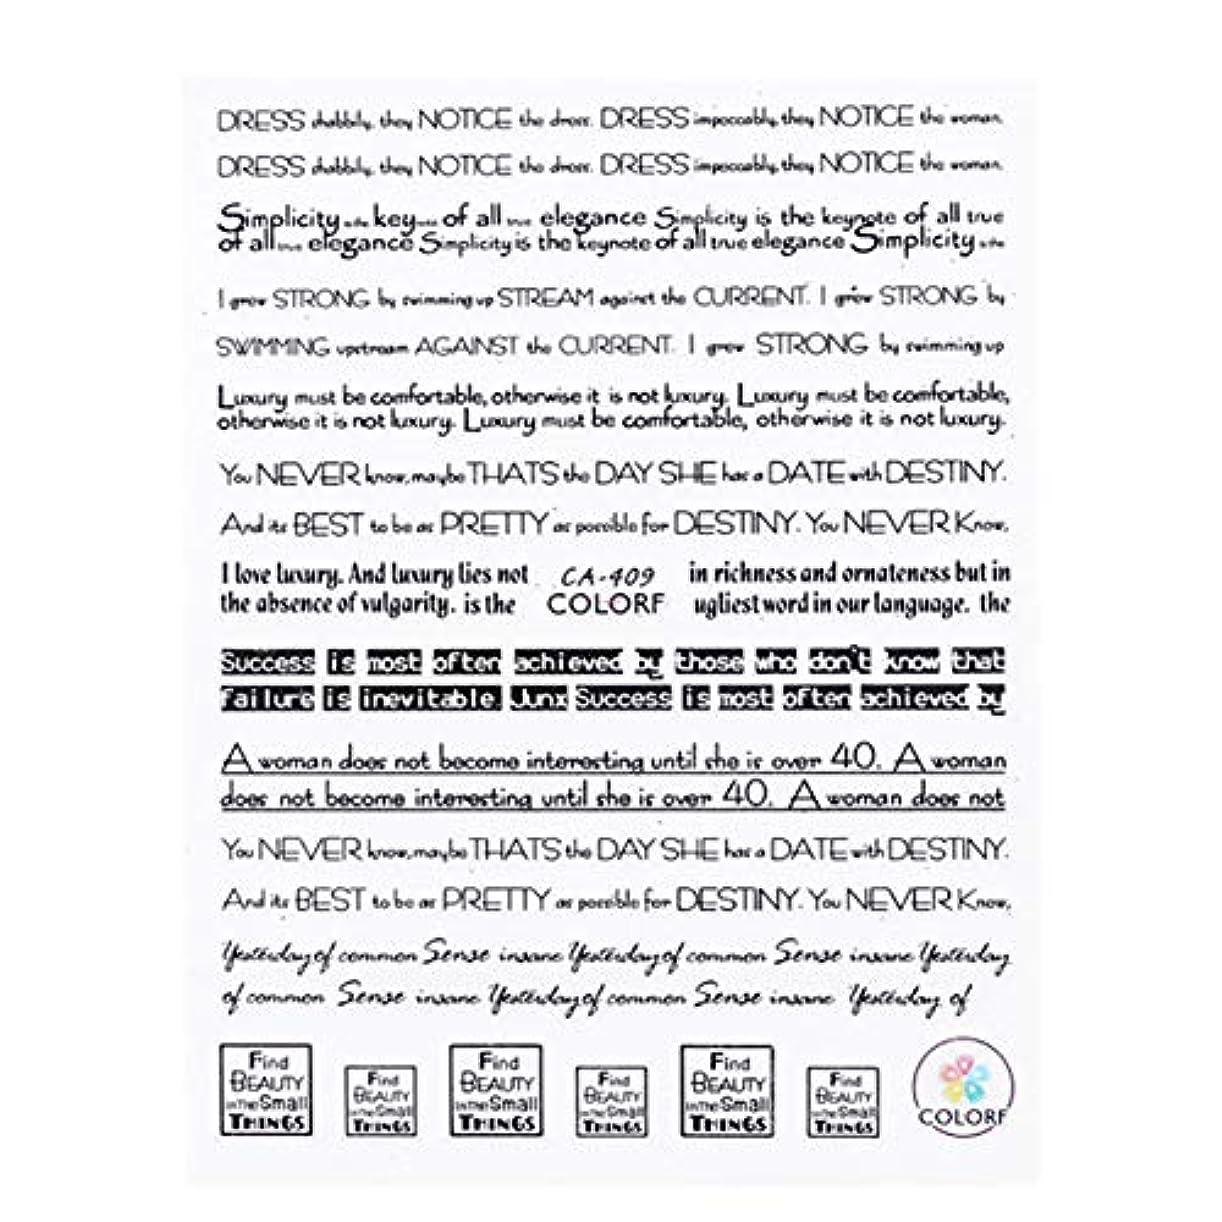 肝気楽な入力LITI ネイルシール 動物のヒョウ柄 レオパード柄 アニマル柄 豹柄 アルファベット 転印シール ネイルステッカー 可愛いネイル飾り 3Dネイルシール テープ ネイル パーツ